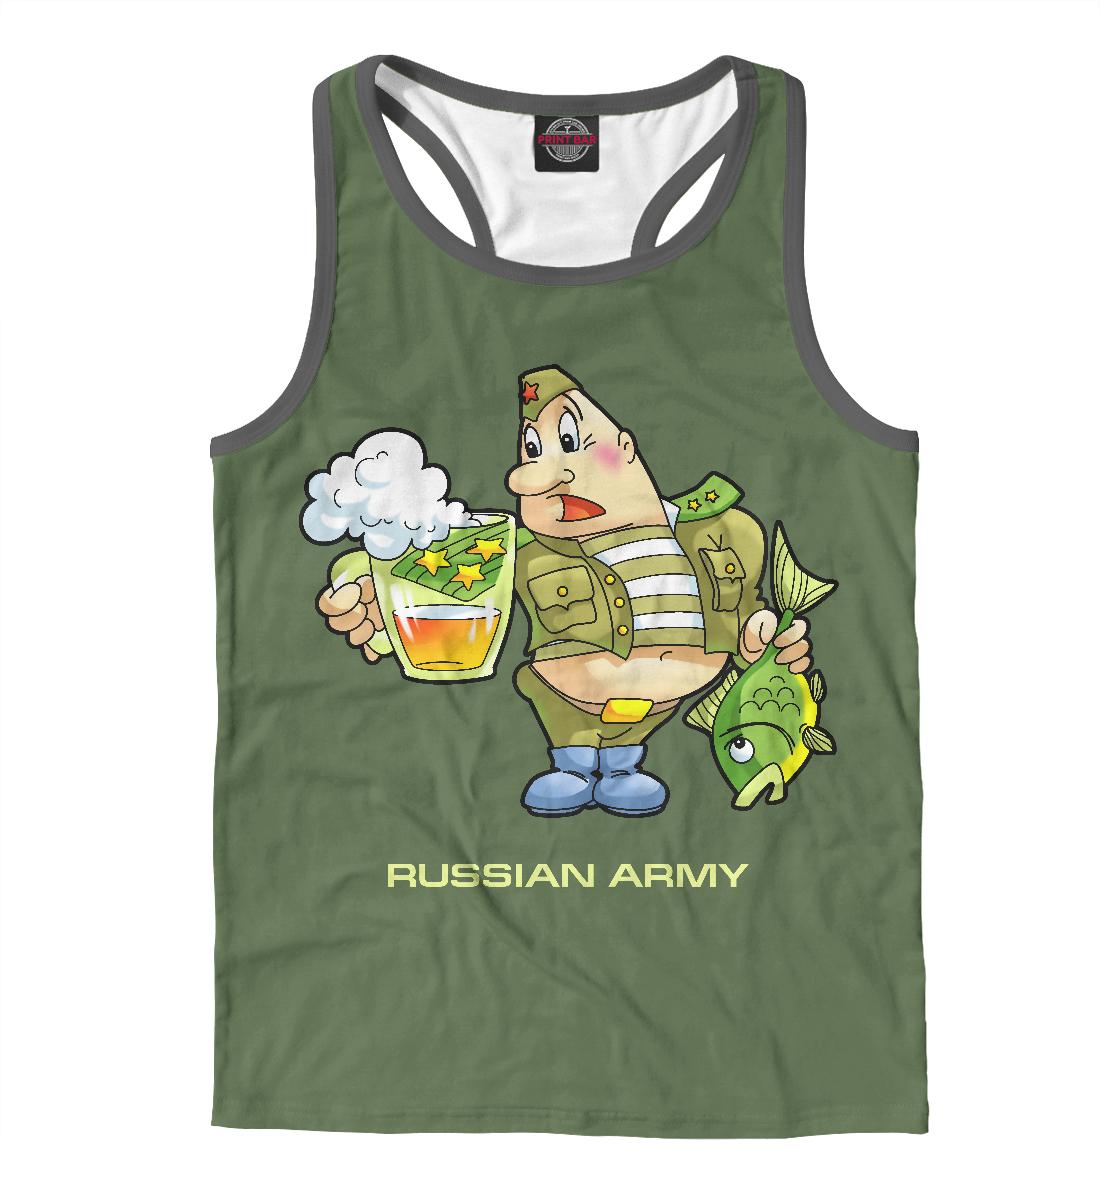 Купить Армия России, настоящий полковник, Printbar, Майки борцовки, 23F-356589-mayb-2